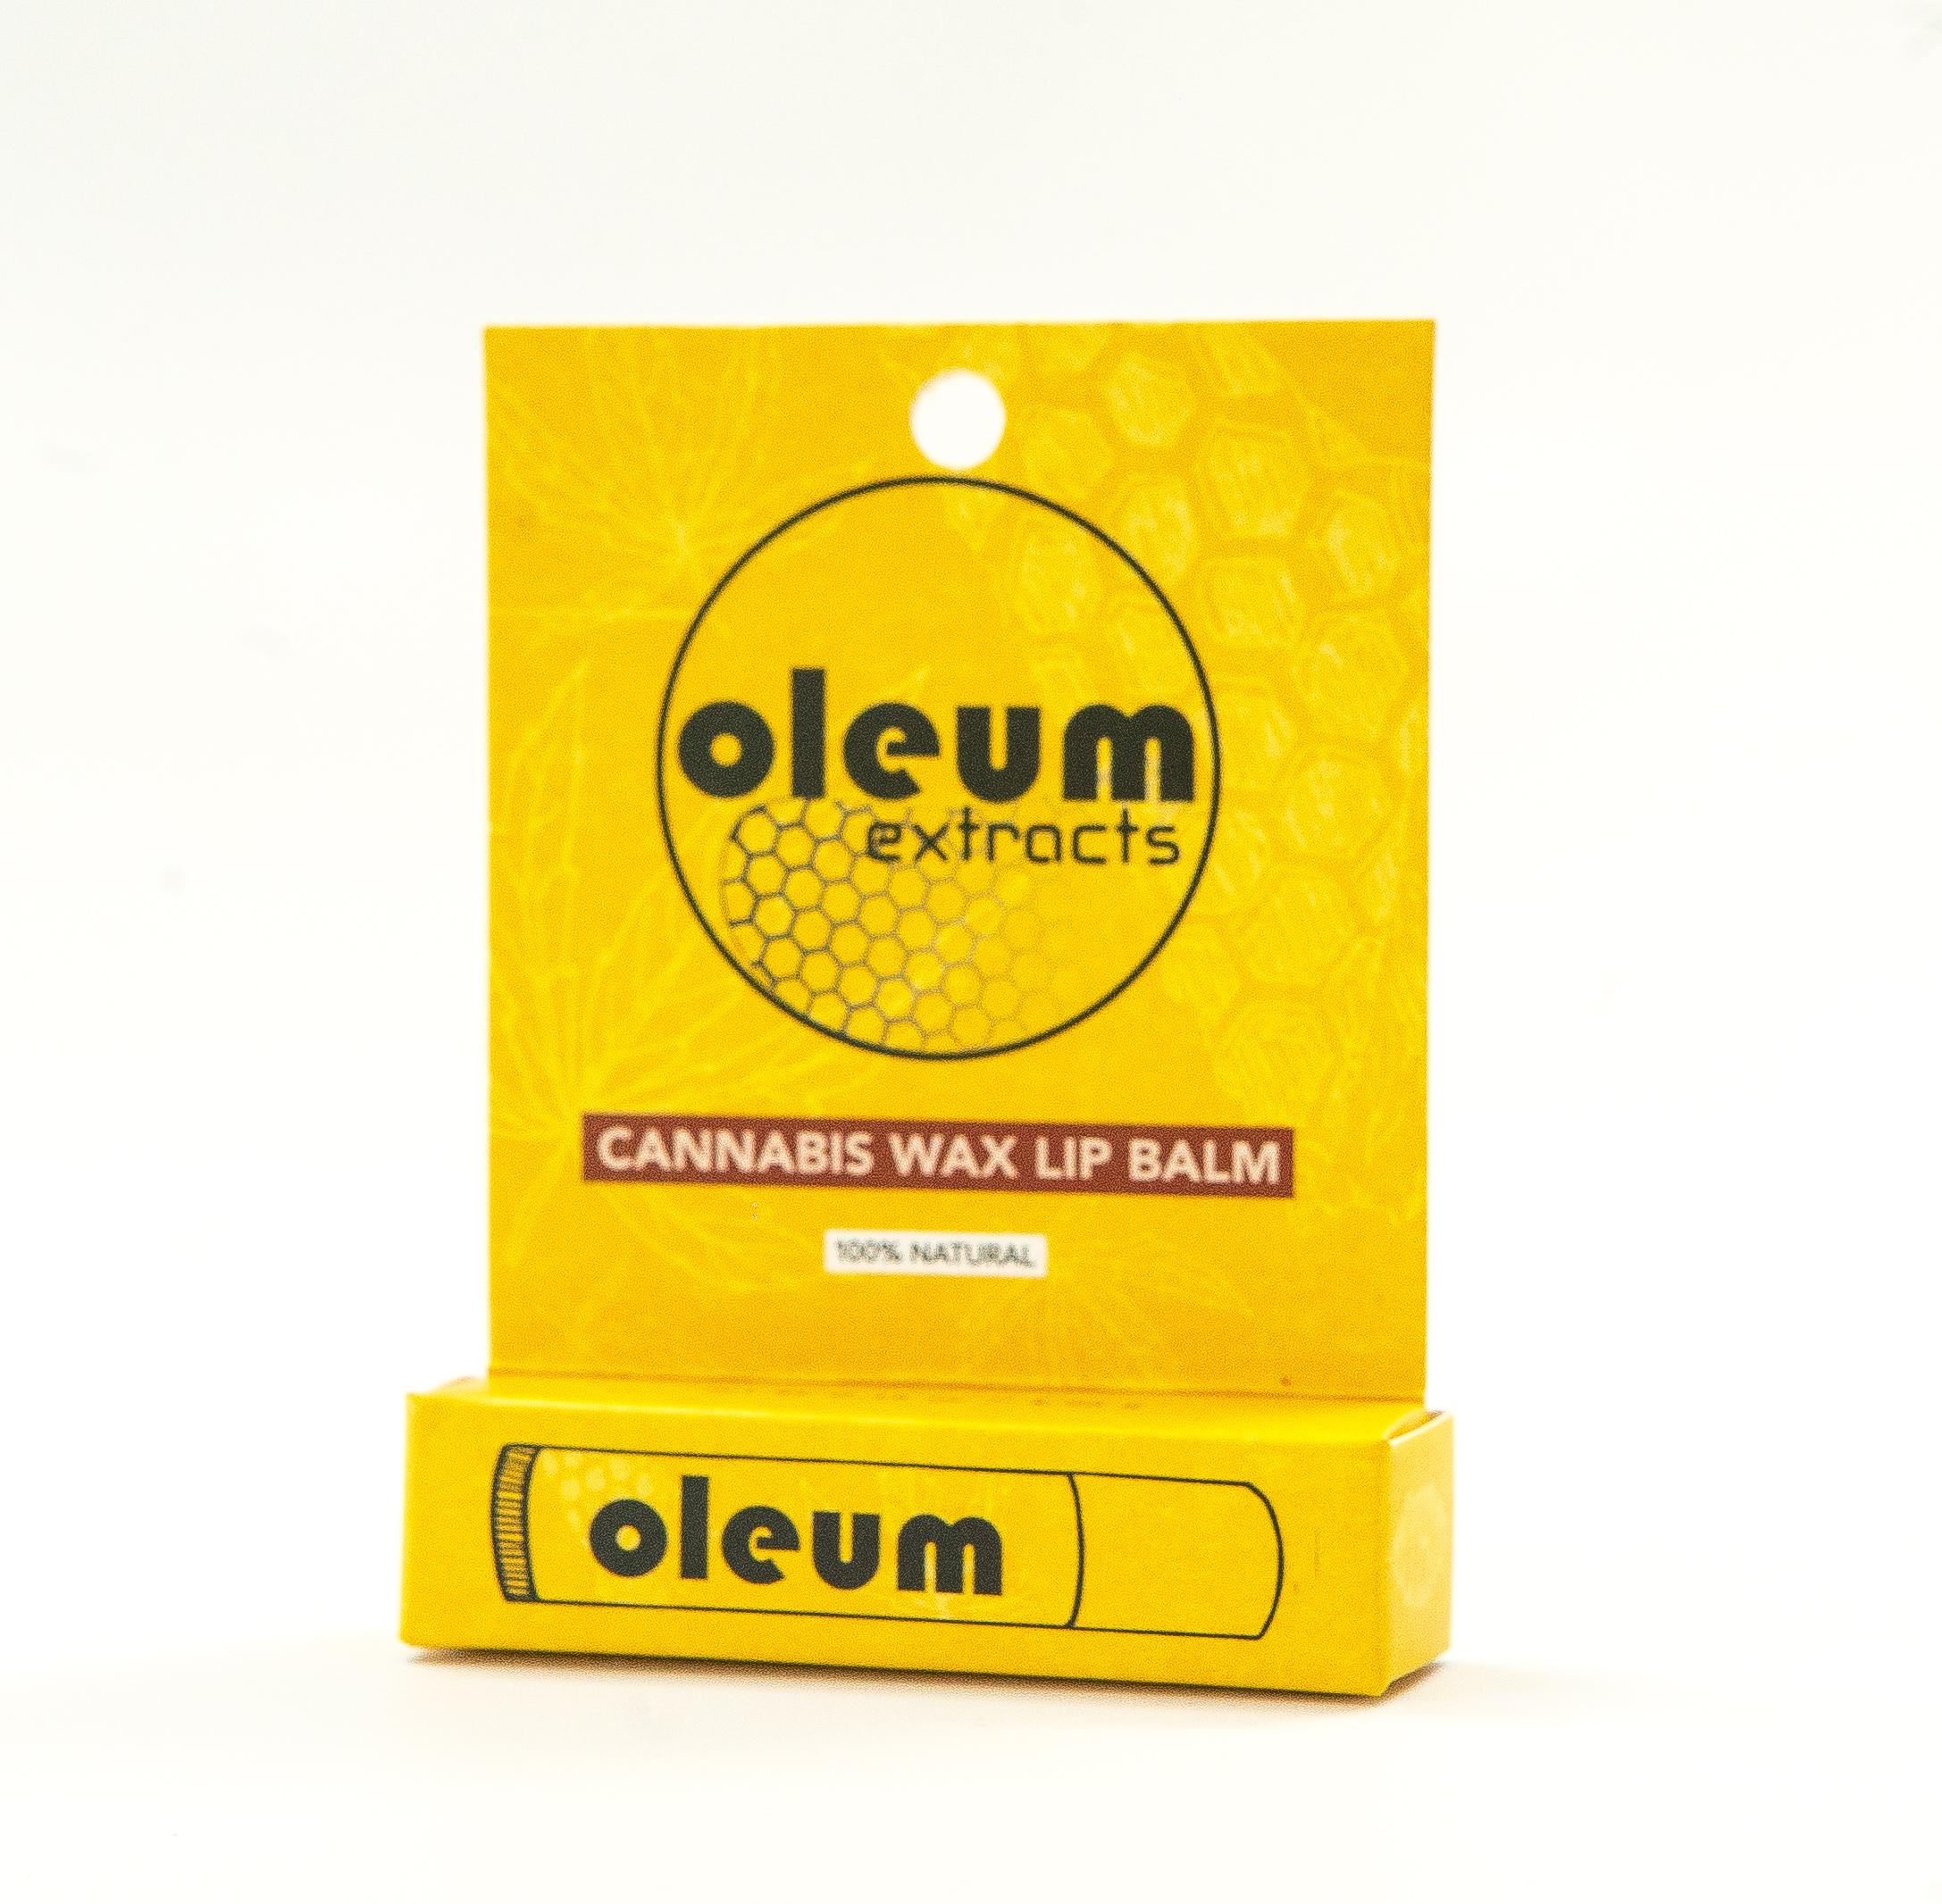 Cannabis Wax Lip Balm